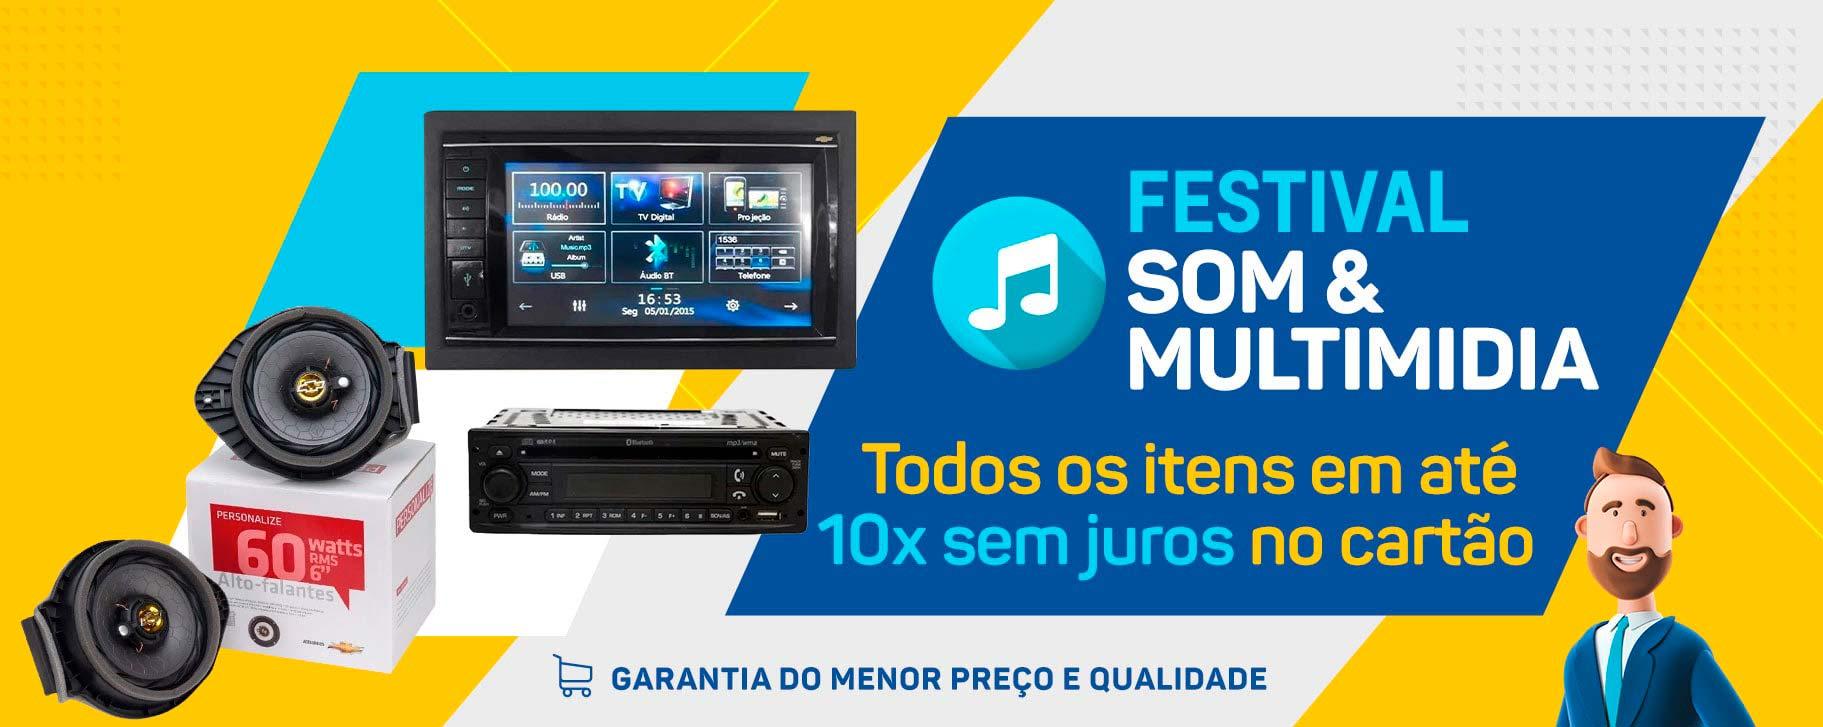 Festival do Som & Multimídia